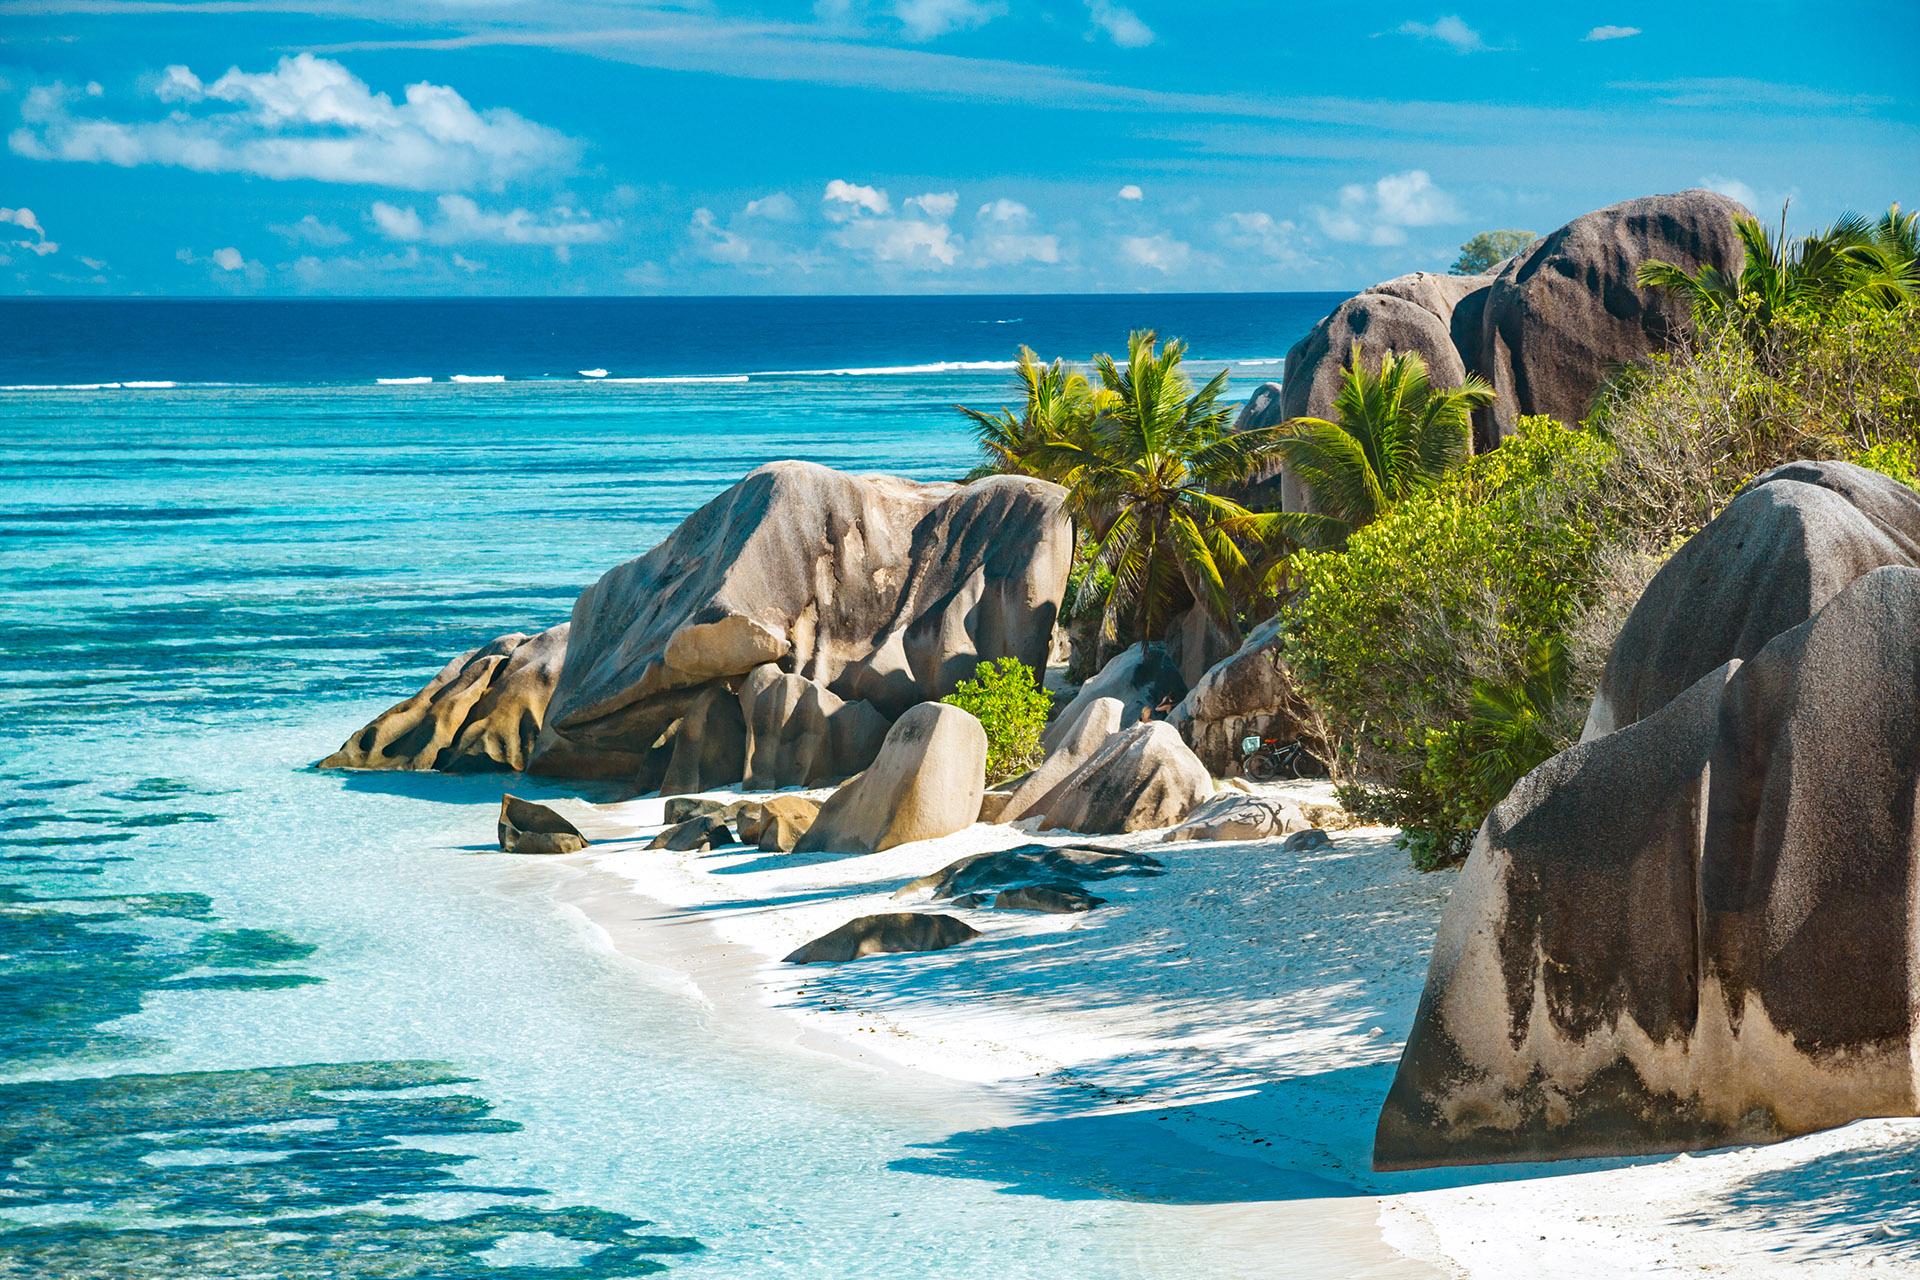 El país insular en el Océano Índico obtiene el 25,74% de su PIB del turismo. Ha permitido algunos visitantes desde el 1 de junio, siempre que provengan de países aprobados y tengan pruebas de una prueba negativa, entre otros requisitos. Además, ha prohibido los cruceros hasta finales de 2021